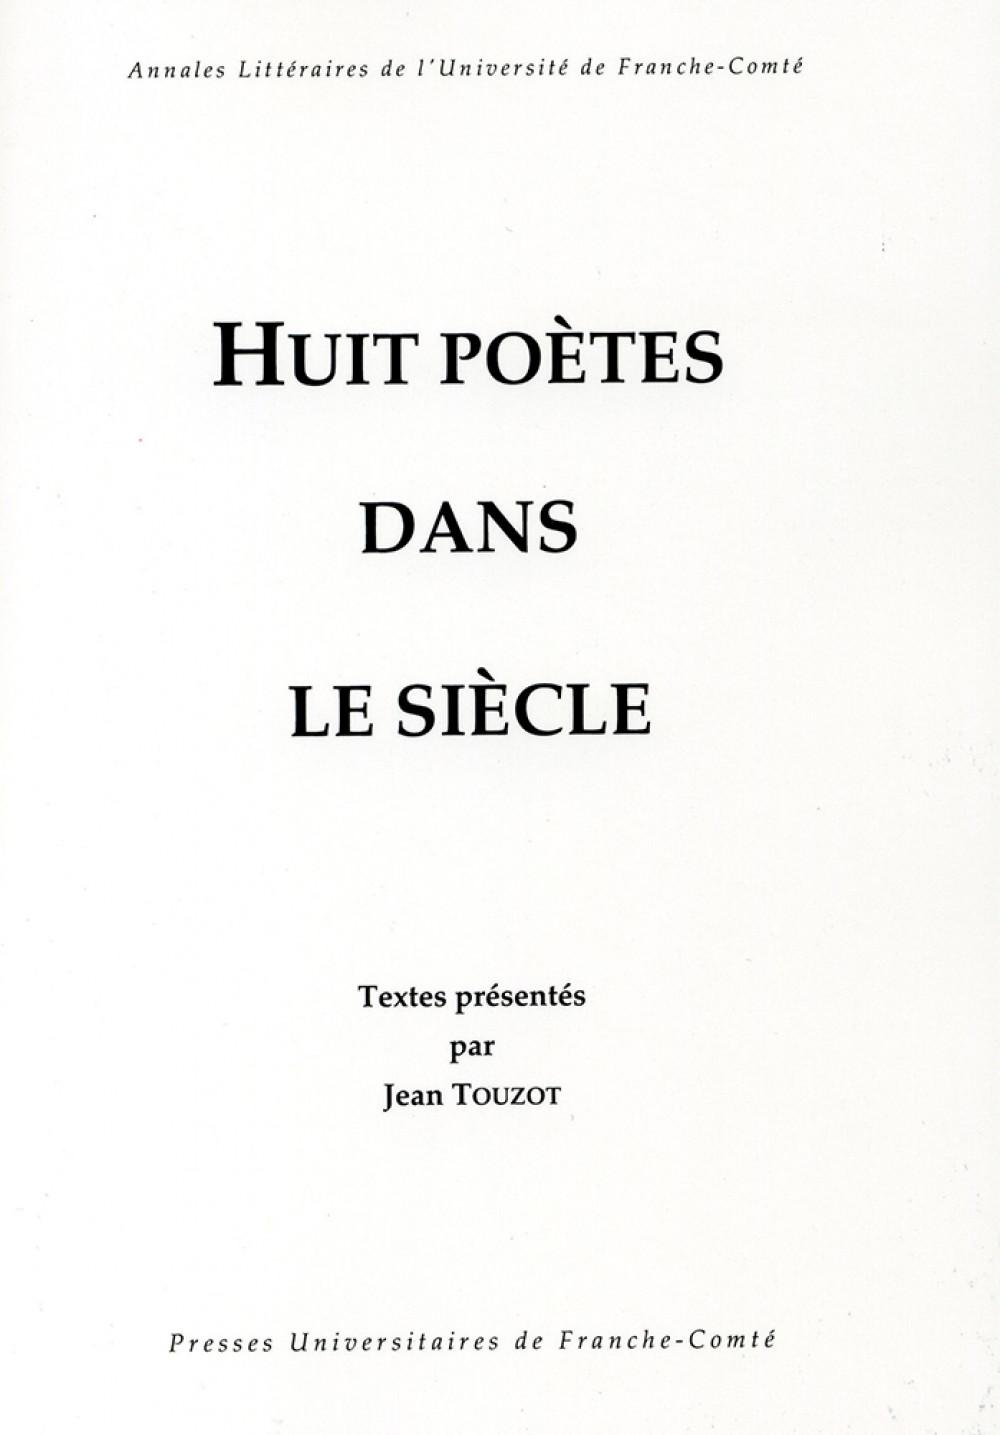 Huit poètes dans le siècle